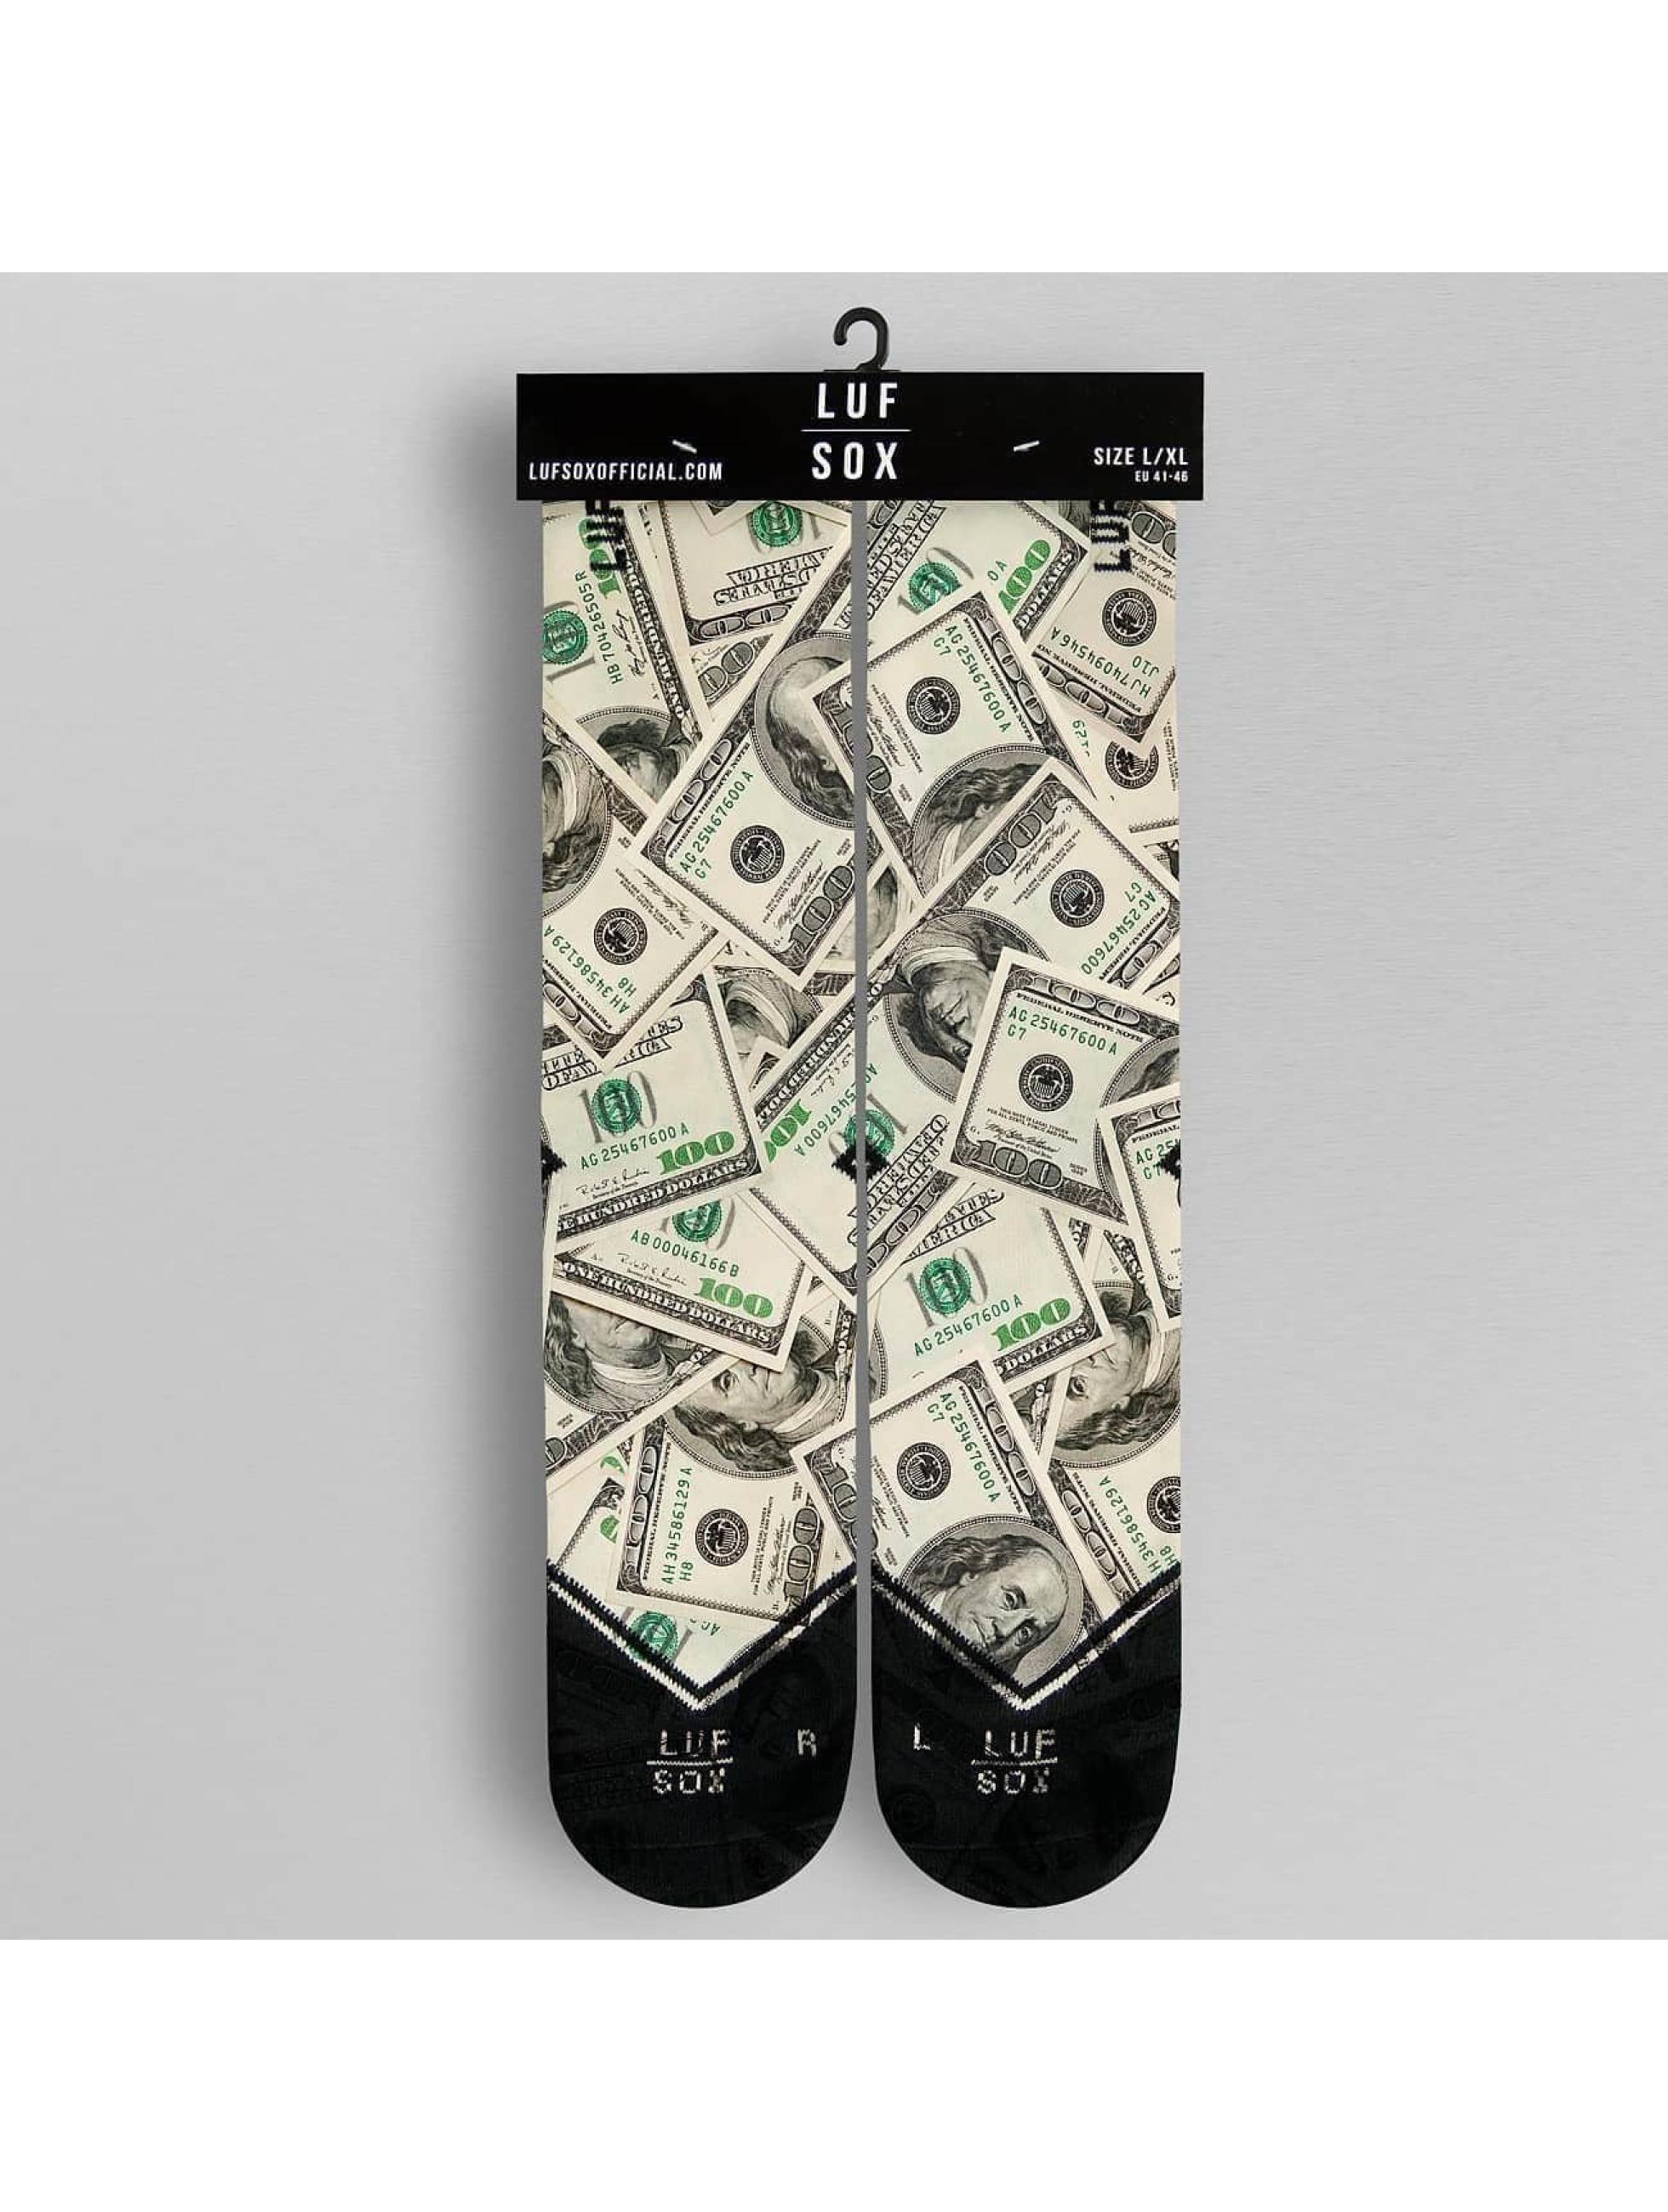 LUF SOX Männer,Frauen Socken Bucks in bunt